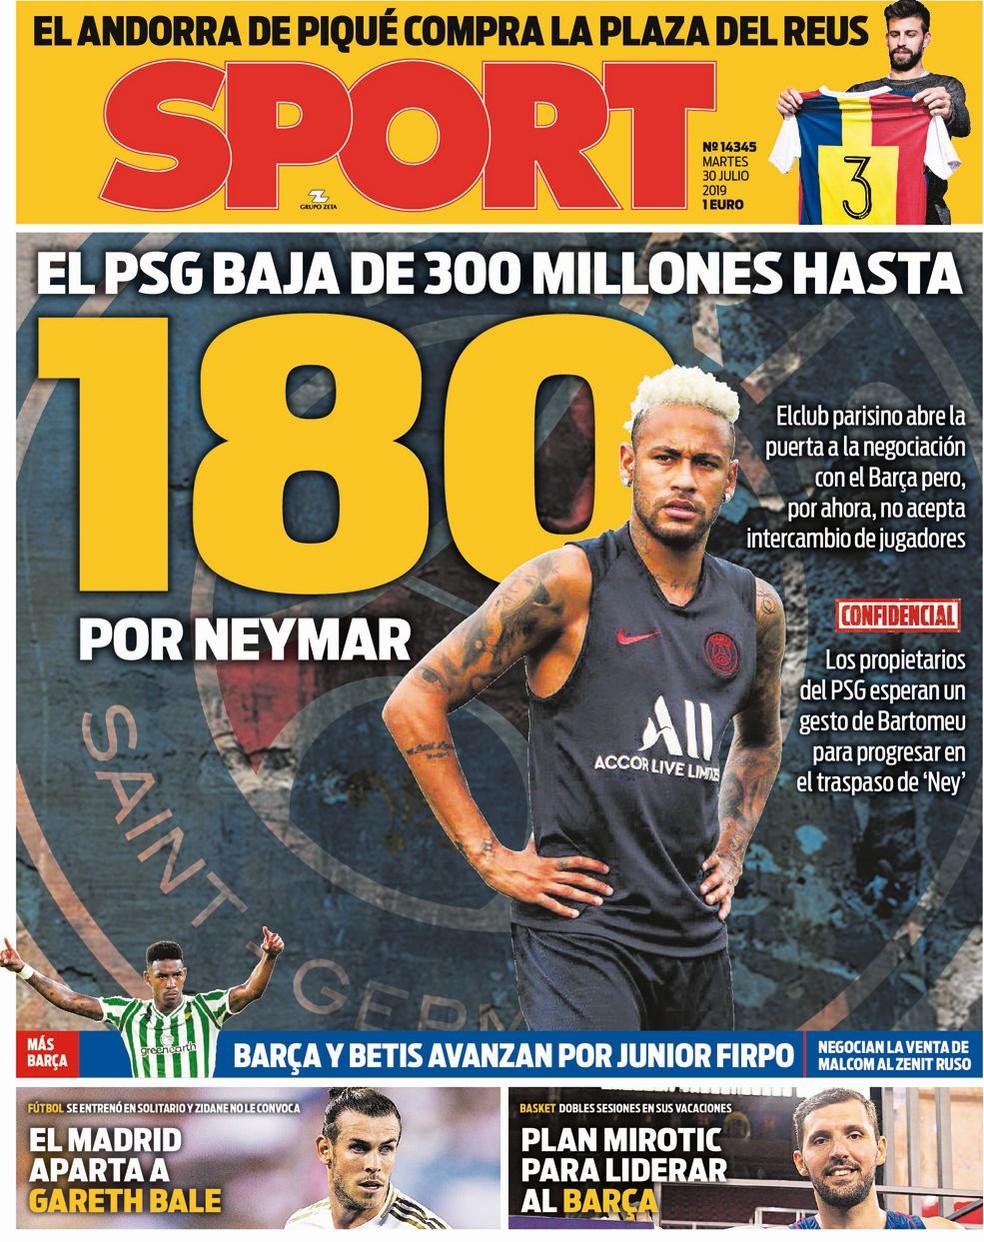 Capa do Sport diz que PSG pretende negociar Neymar por até 180 milhões de euros — Foto: Reprodução/Sport